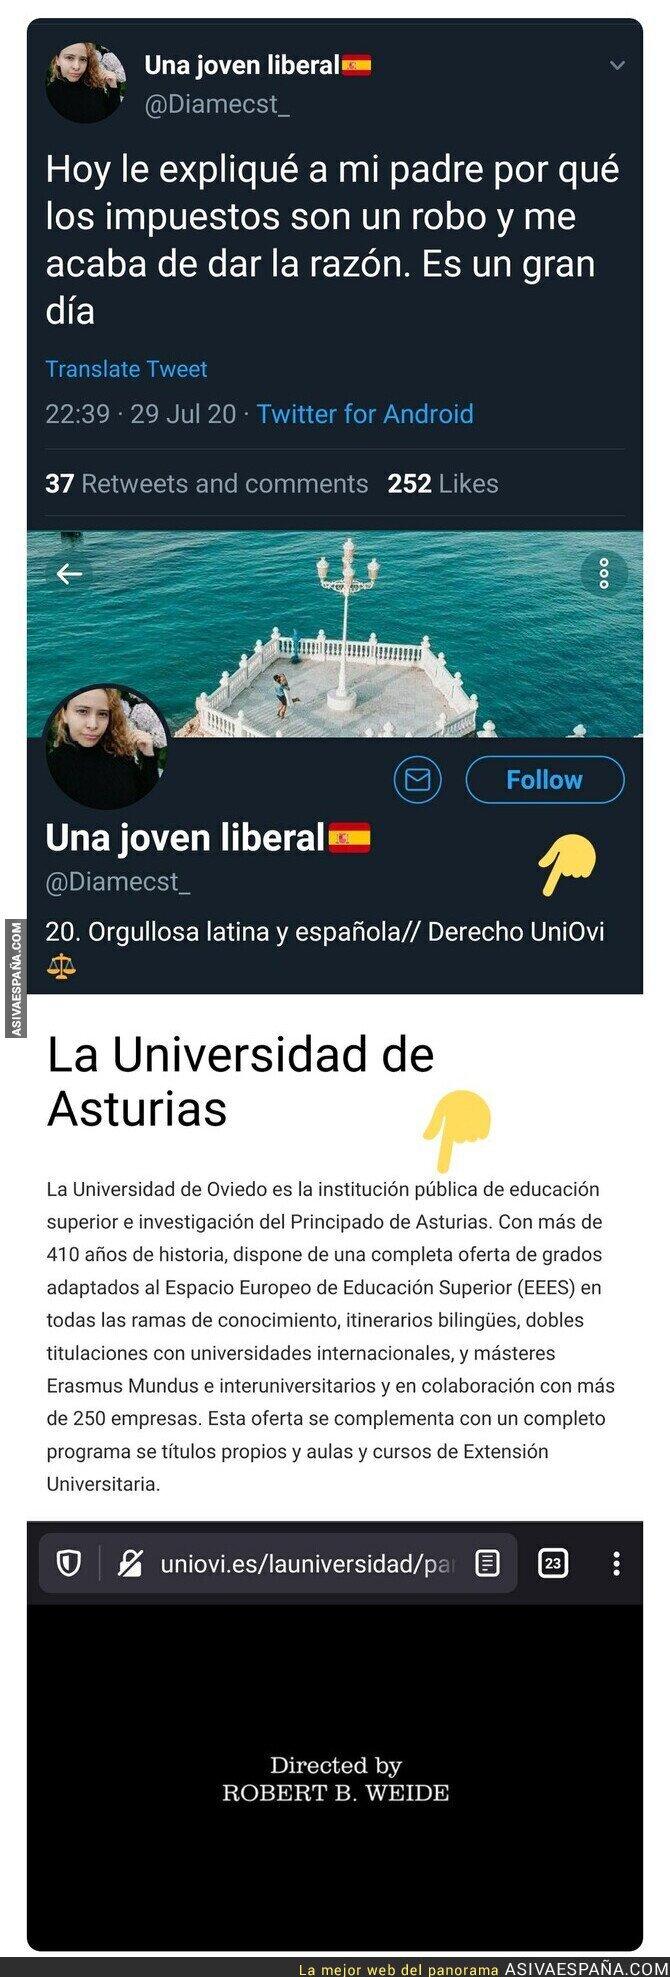 295372 - Atención al tuit de esta chica sobre los impuestos y lo más preocupante es donde estudia